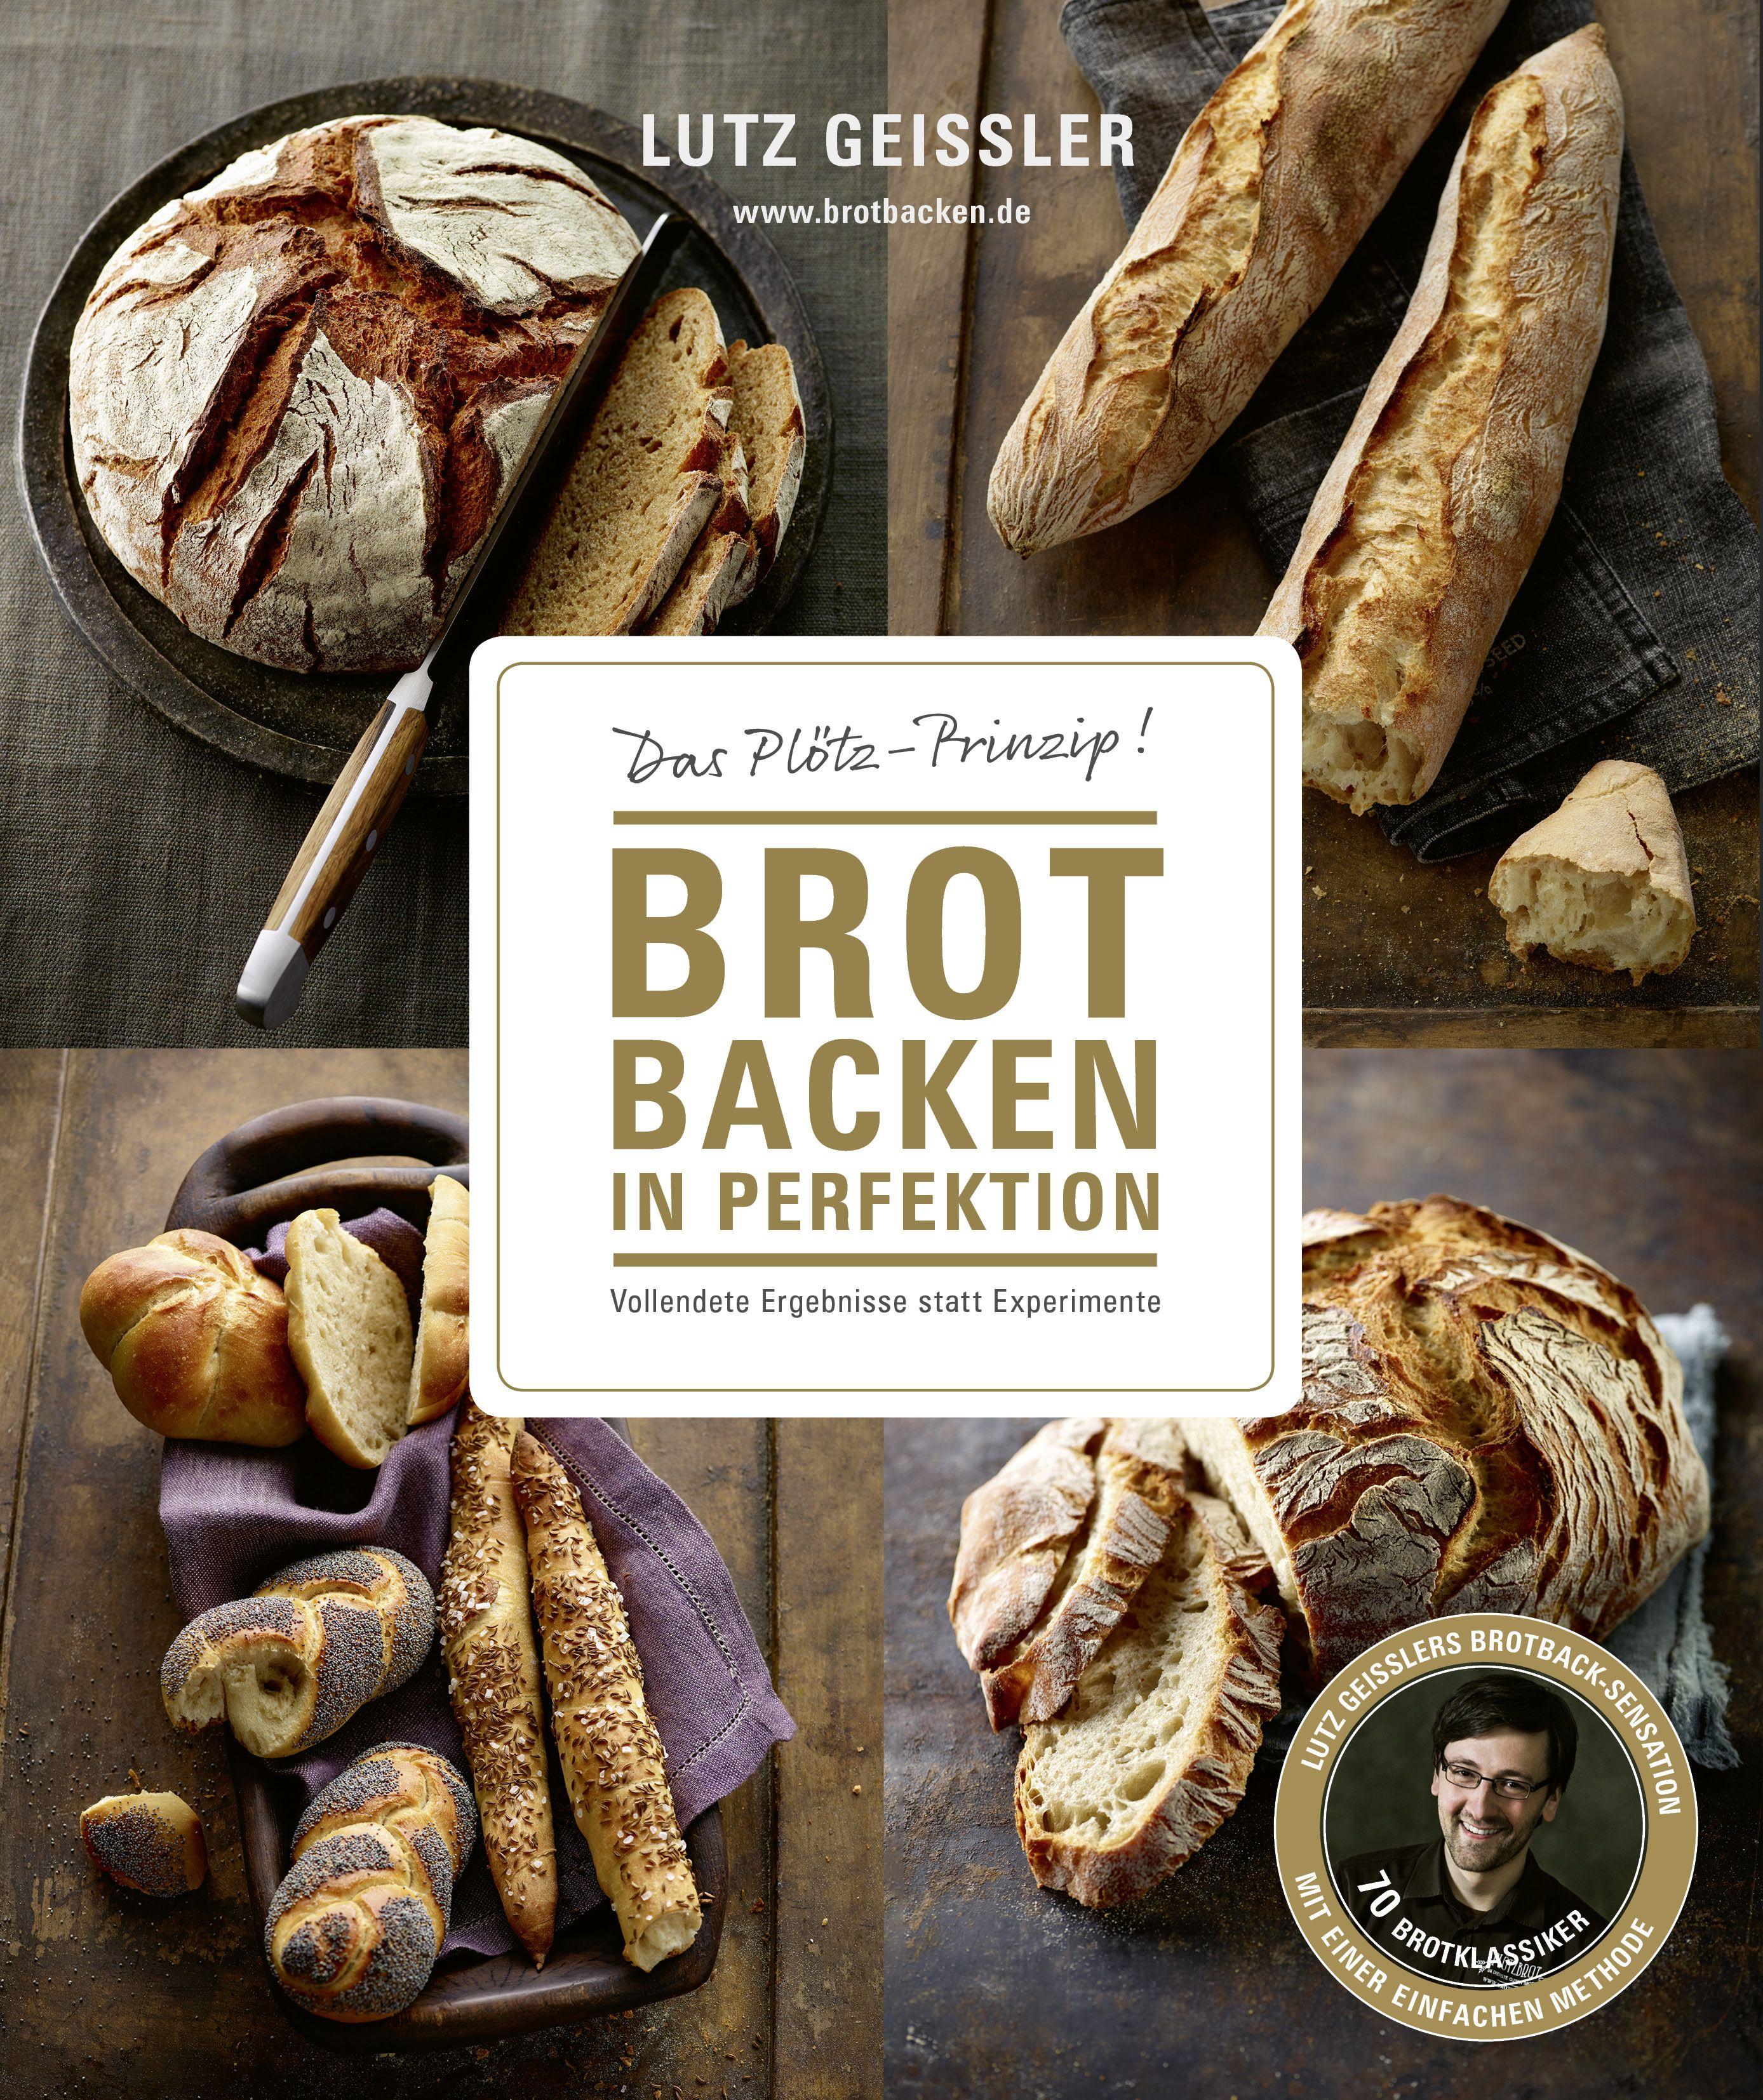 Lutz Geissler Brot Backen In Perfektion Becker Joest Das Plotz Prinzip Vollendete Ergebnisse Stat Brot Backen Brot Selber Backen Brot Backen Rezept Einfach